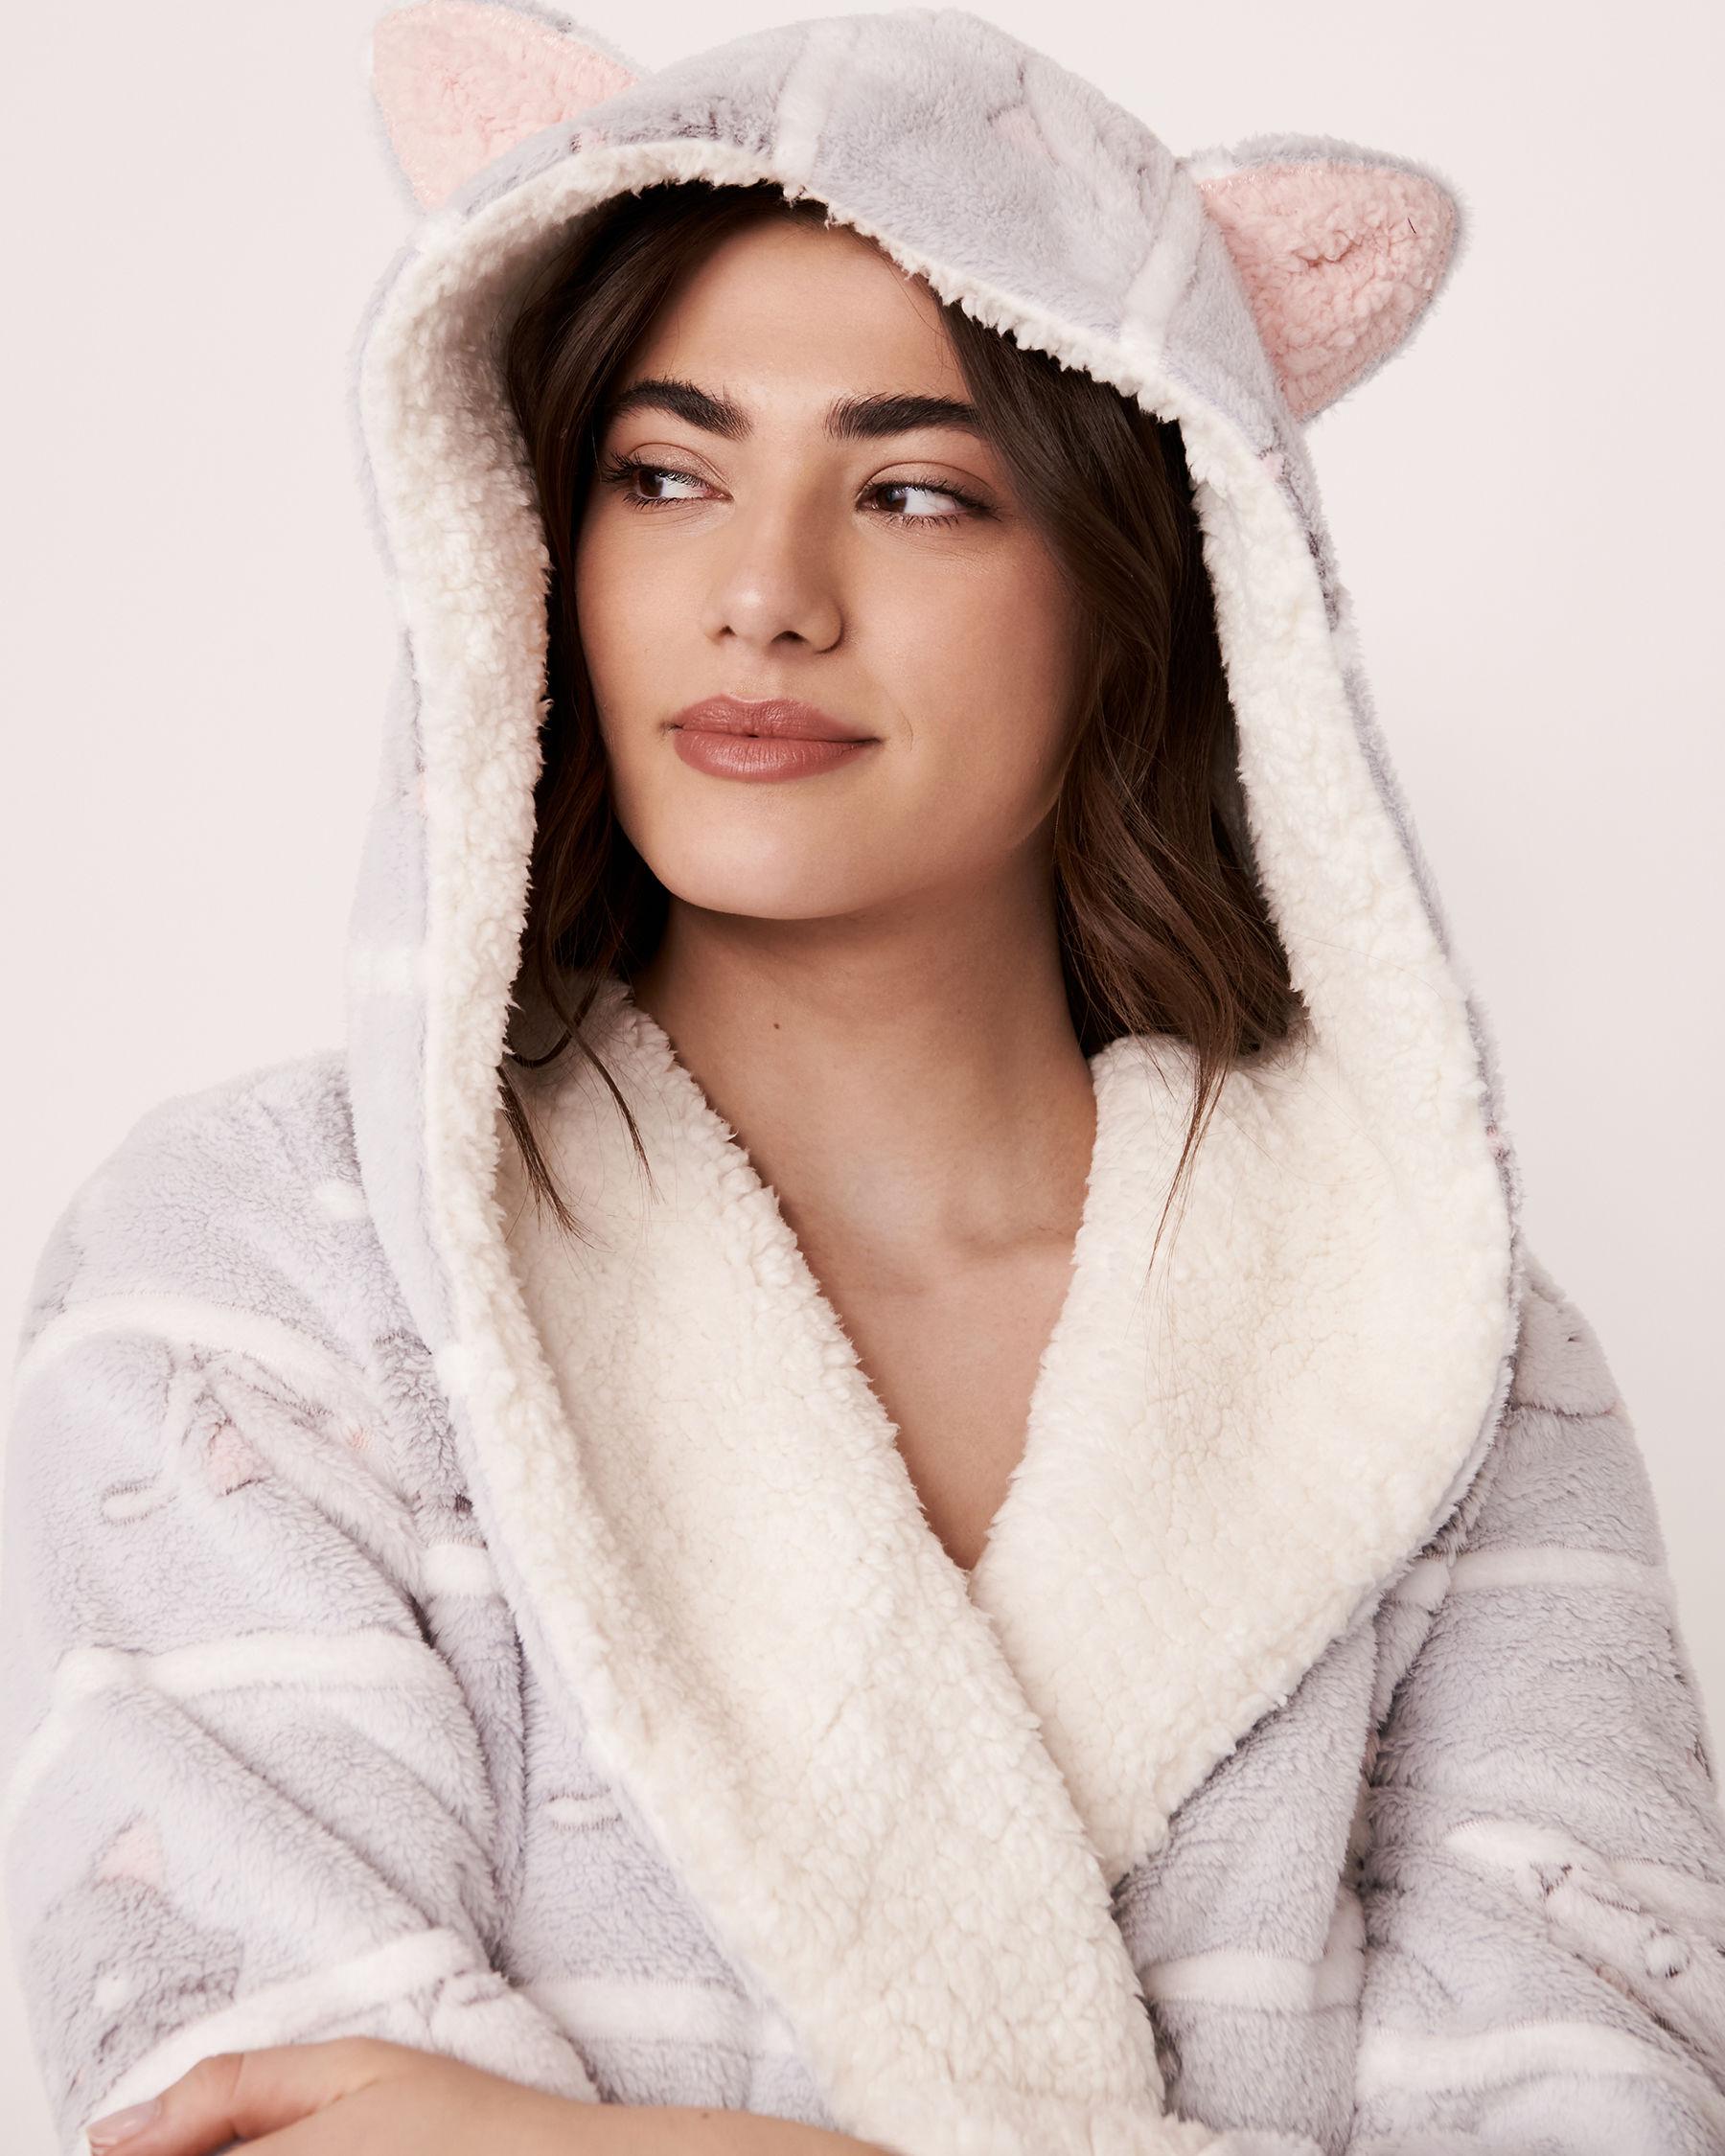 LA VIE EN ROSE Ultra Soft Plush Robe Cats 40600023 - View1